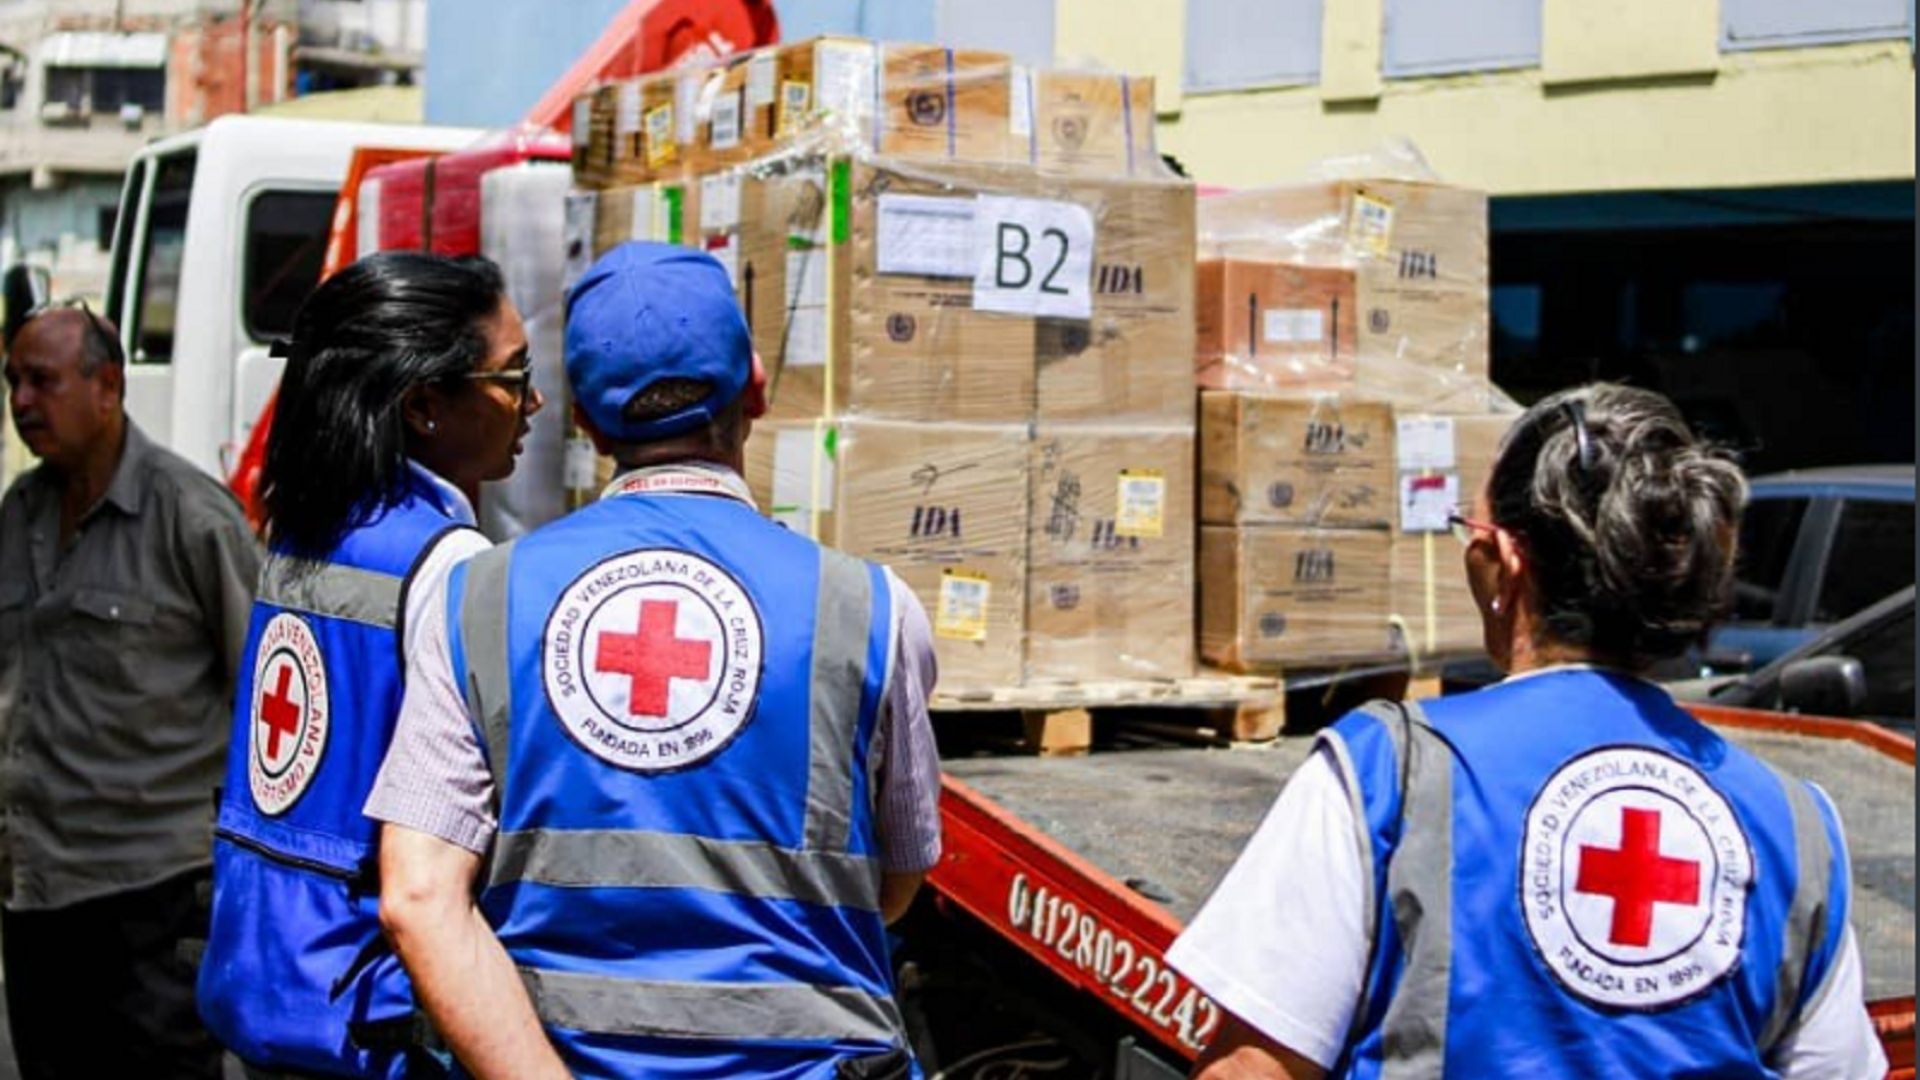 Cruz Roja distribuye ayuda humanitaria en estados fronterizos